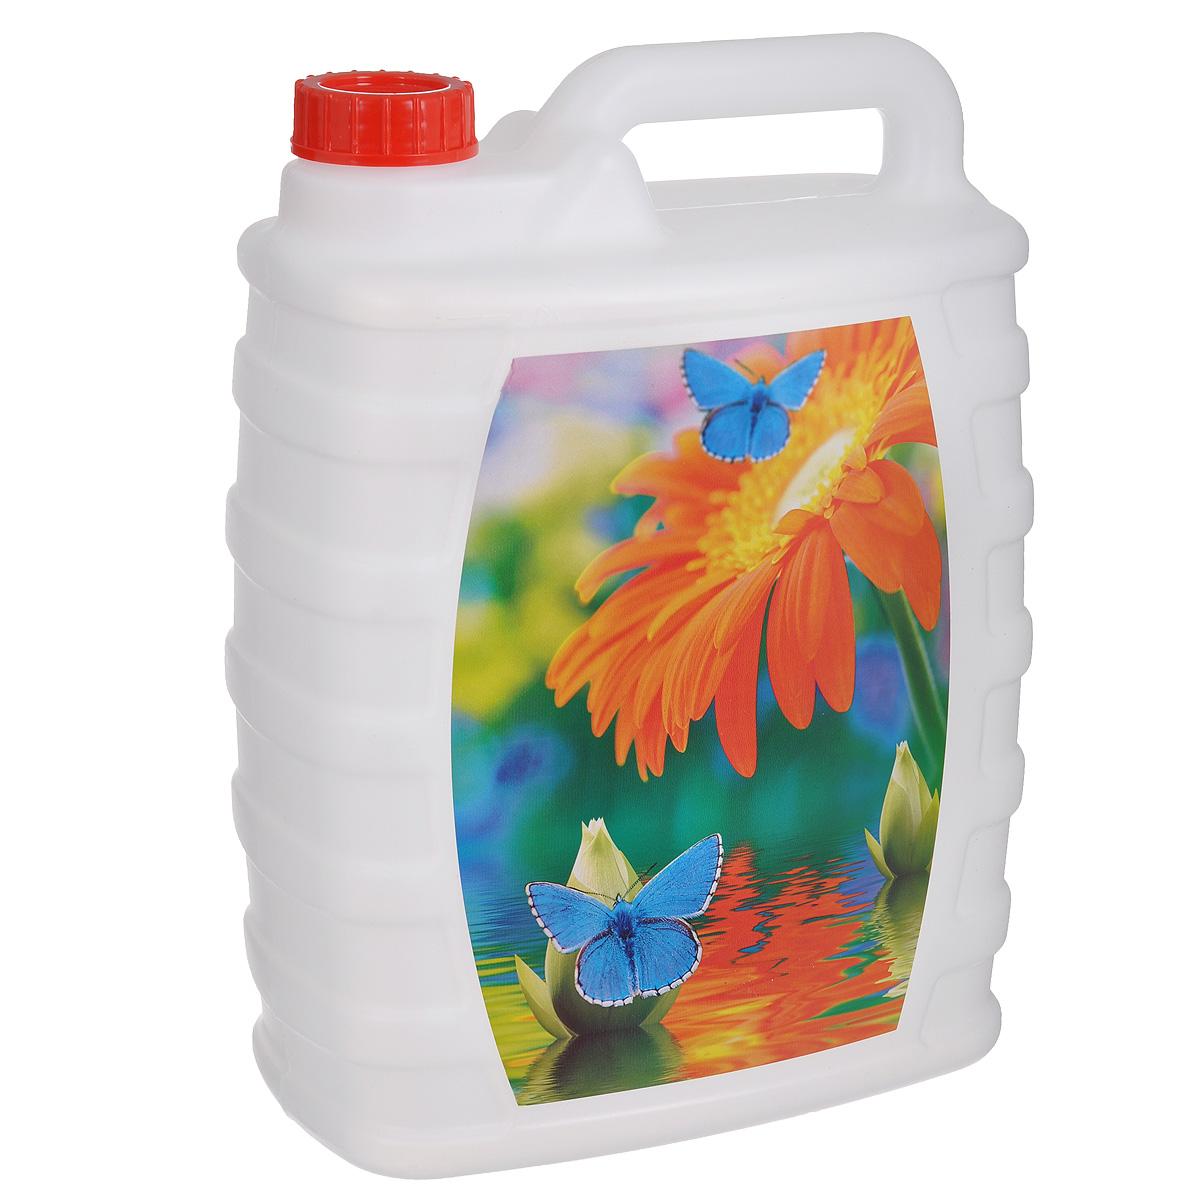 Канистра Альтернатива Цветок и бабочки, 10 л канистра для воды складная 10 л